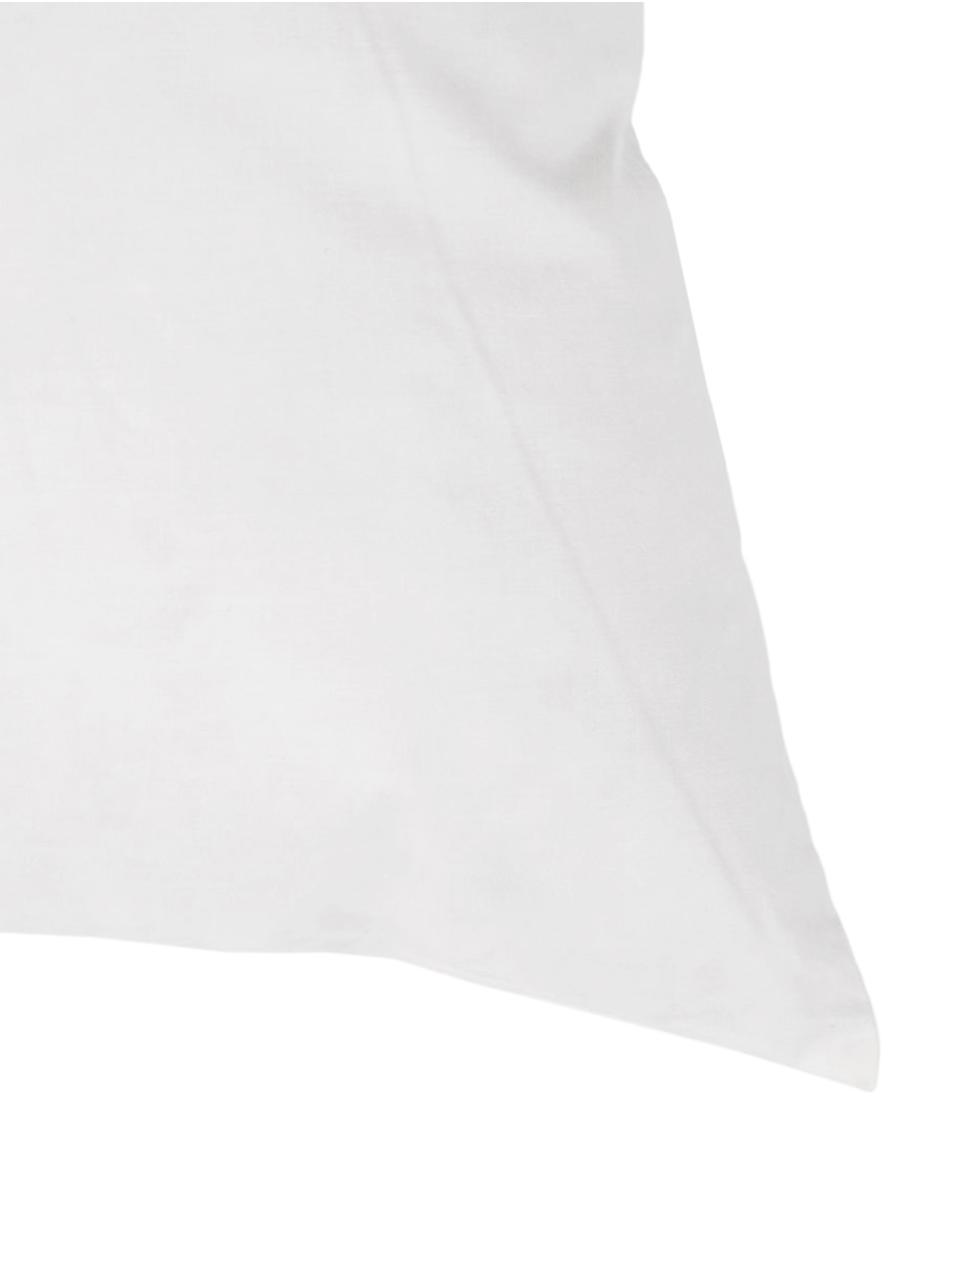 Sierkussenvulling Premium, 40 x 60, Wit, 40 x 60 cm